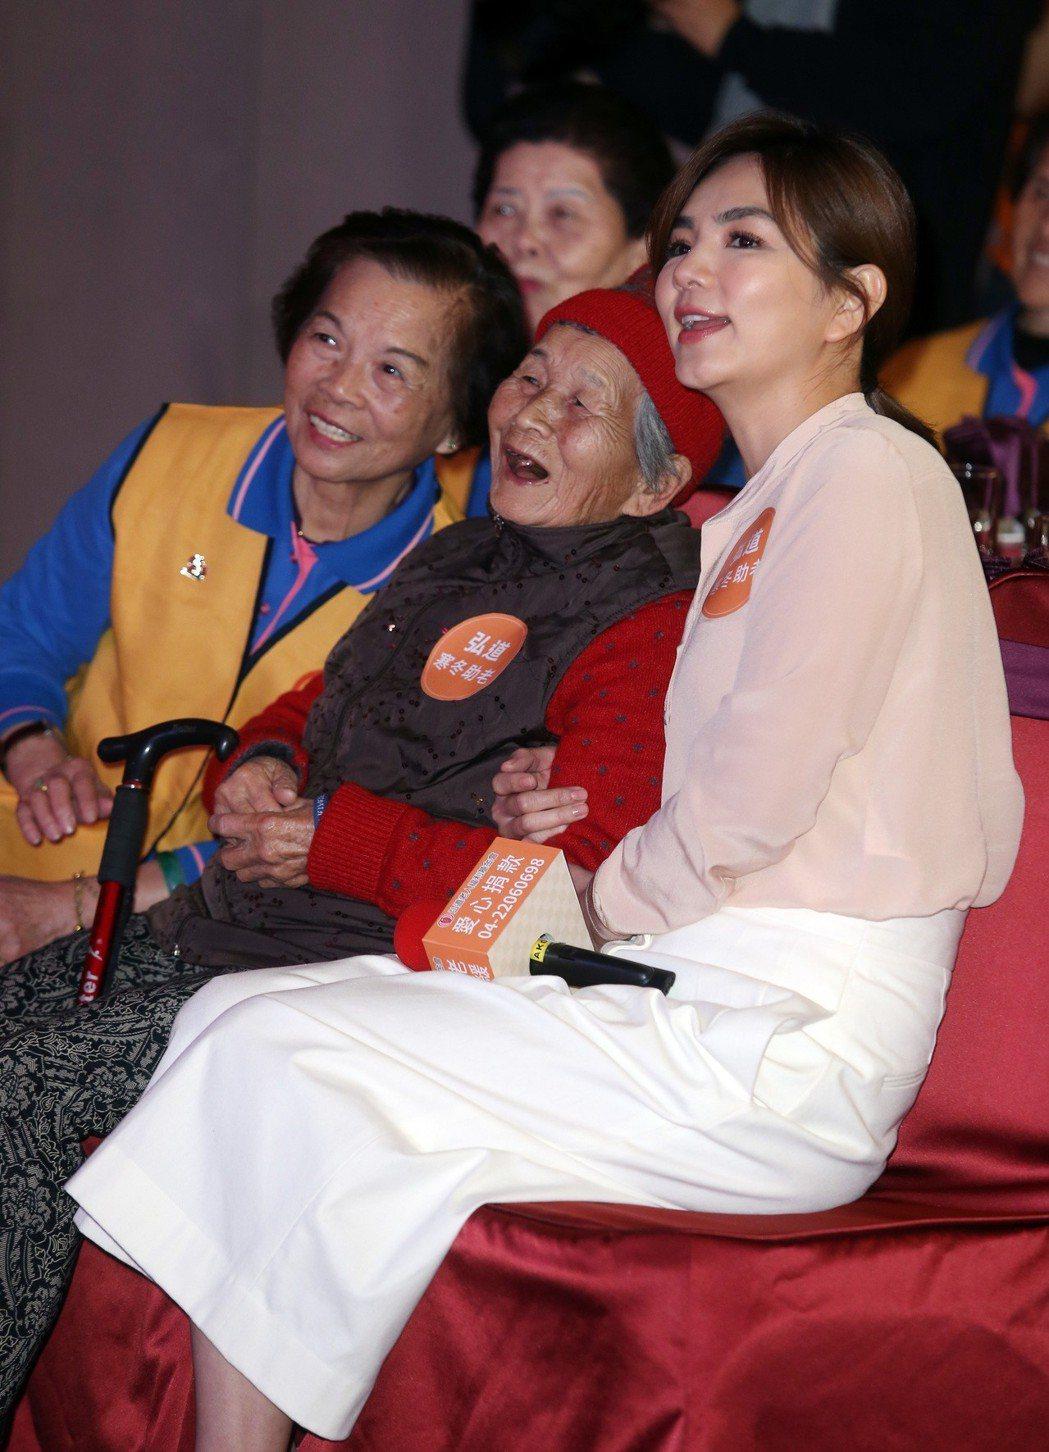 Ella陳嘉樺寒冬助老公益影片首播,響應2019年第一件好事。記者曾吉松/攝影